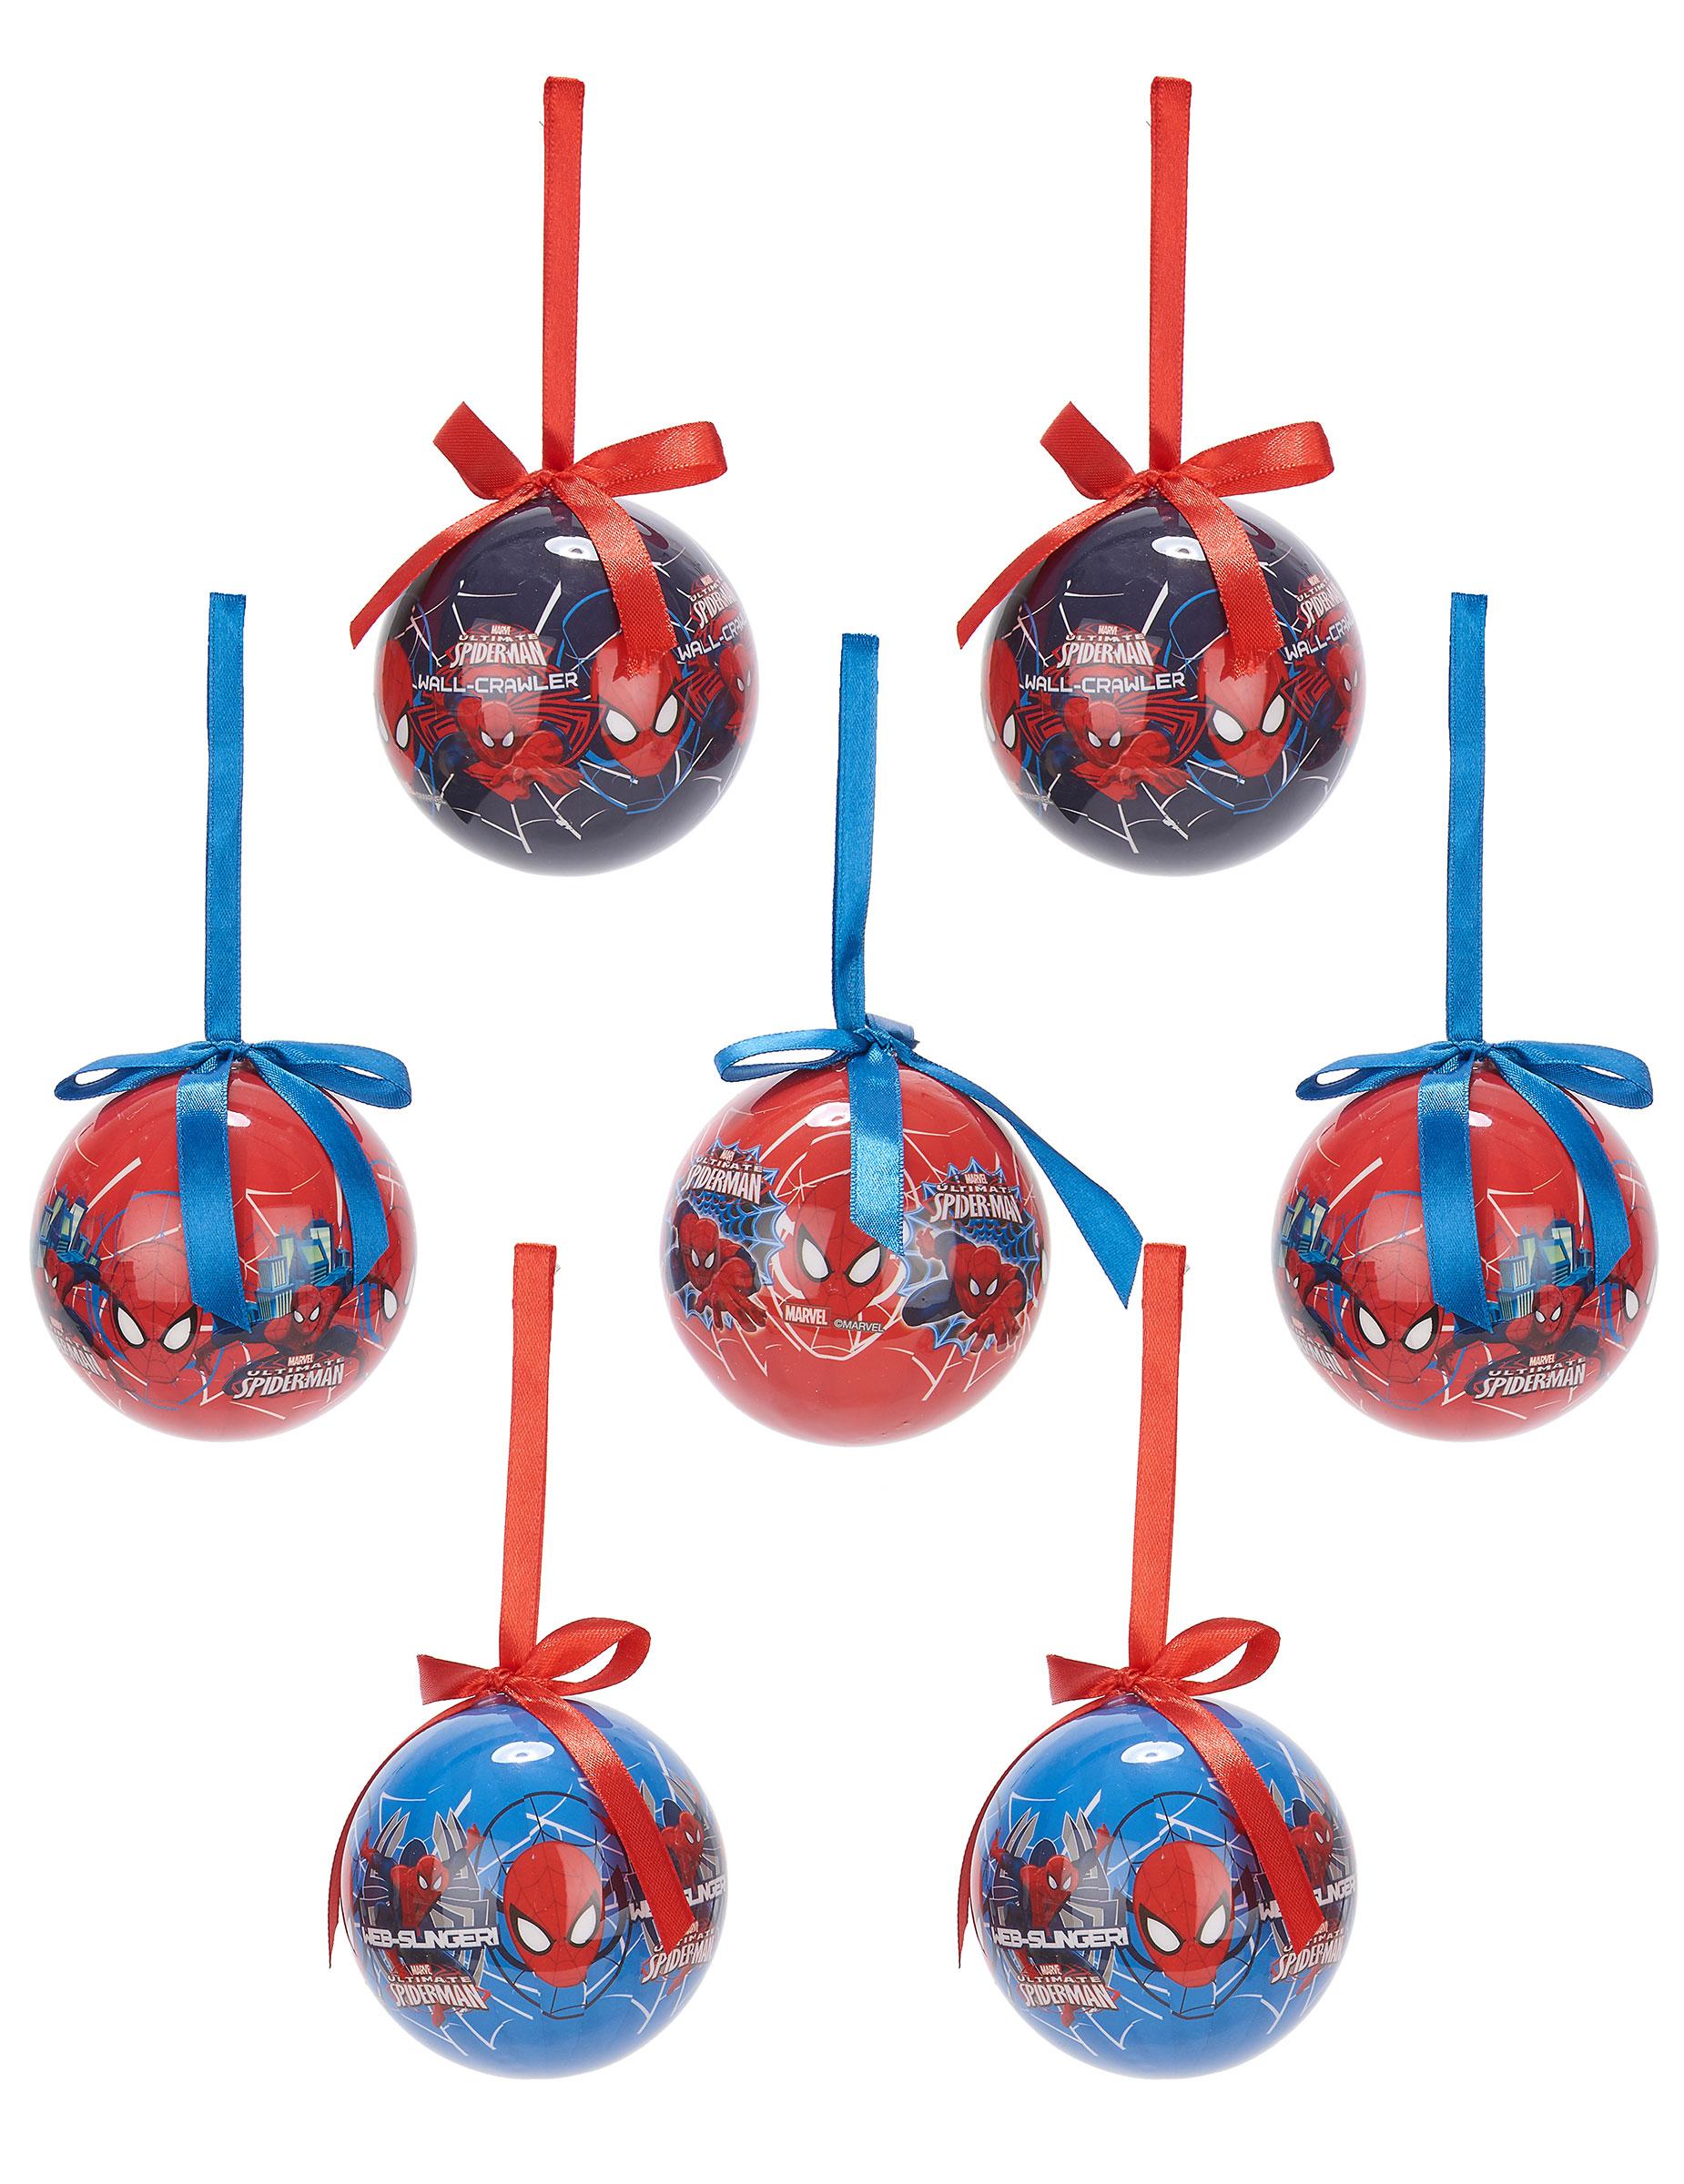 Günstige Christbaumkugeln.Christbaumkugeln Weihnachten Lizenzartikel Spiderman 7 Teilig Blau Rot